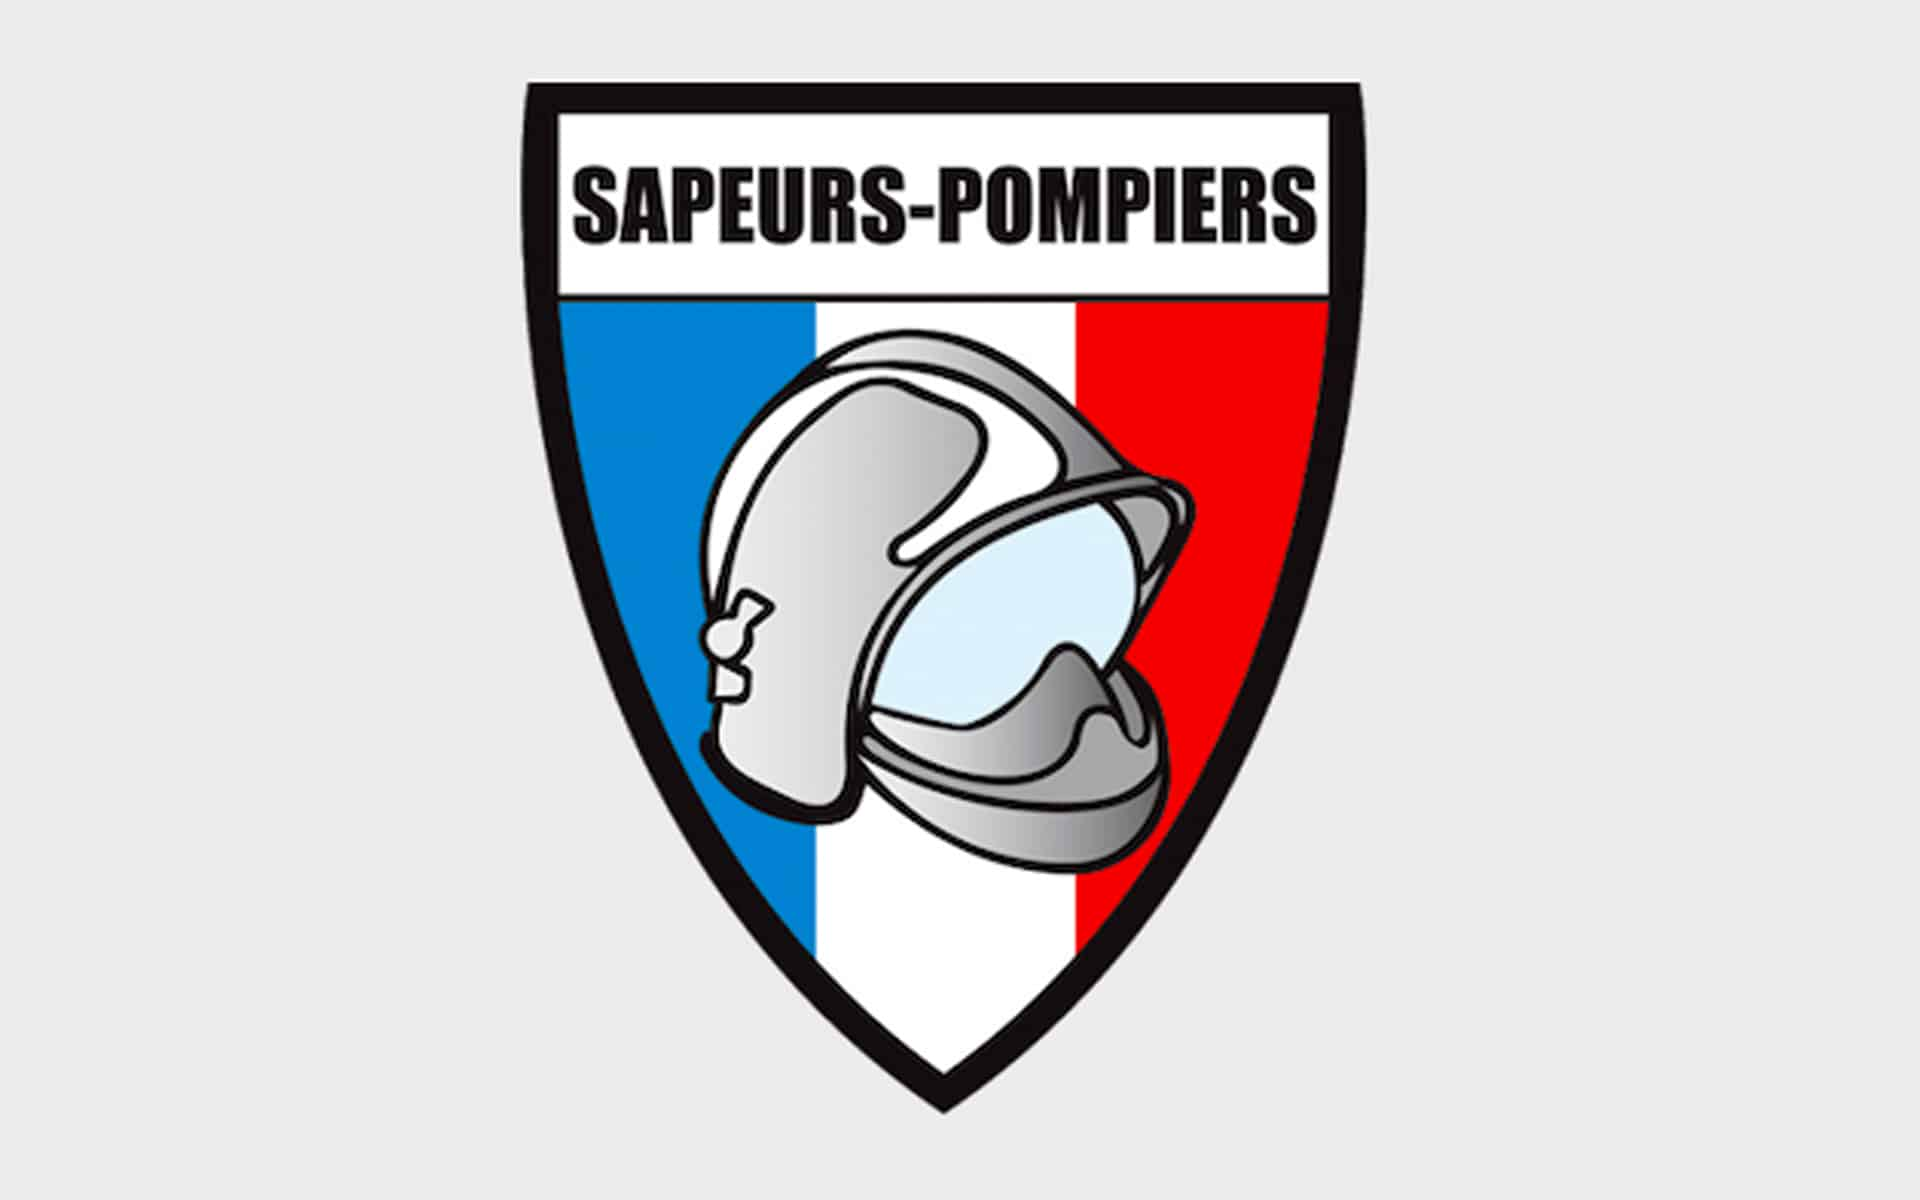 ASSOCIATION SPORTIVE ET CULTURELLE DES SAPEURS POMPIERS